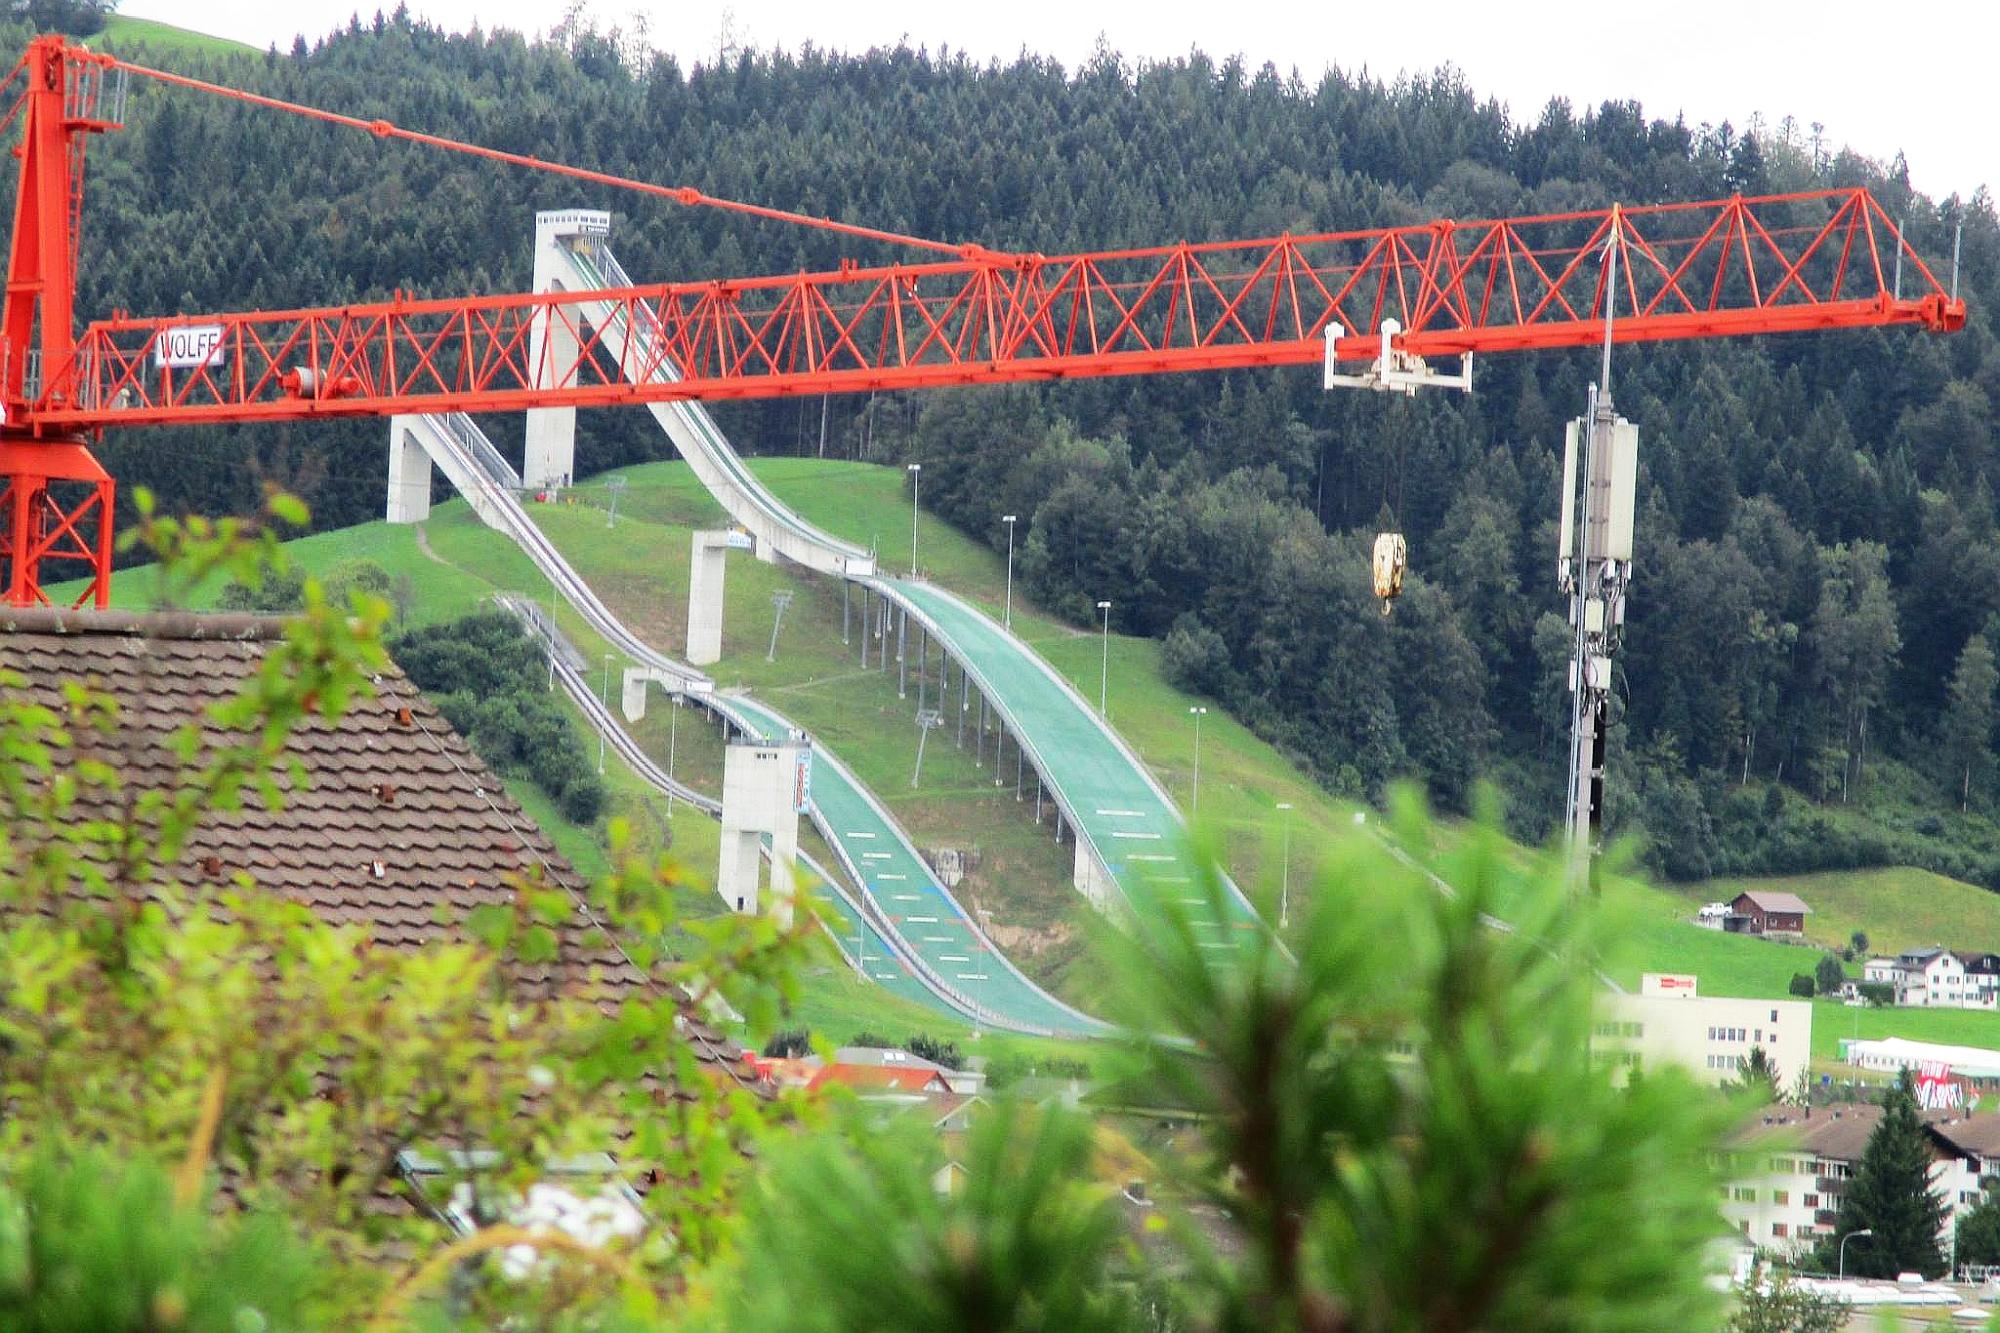 Kompleks skoczni w Einsiedeln doczekał się modernizacji